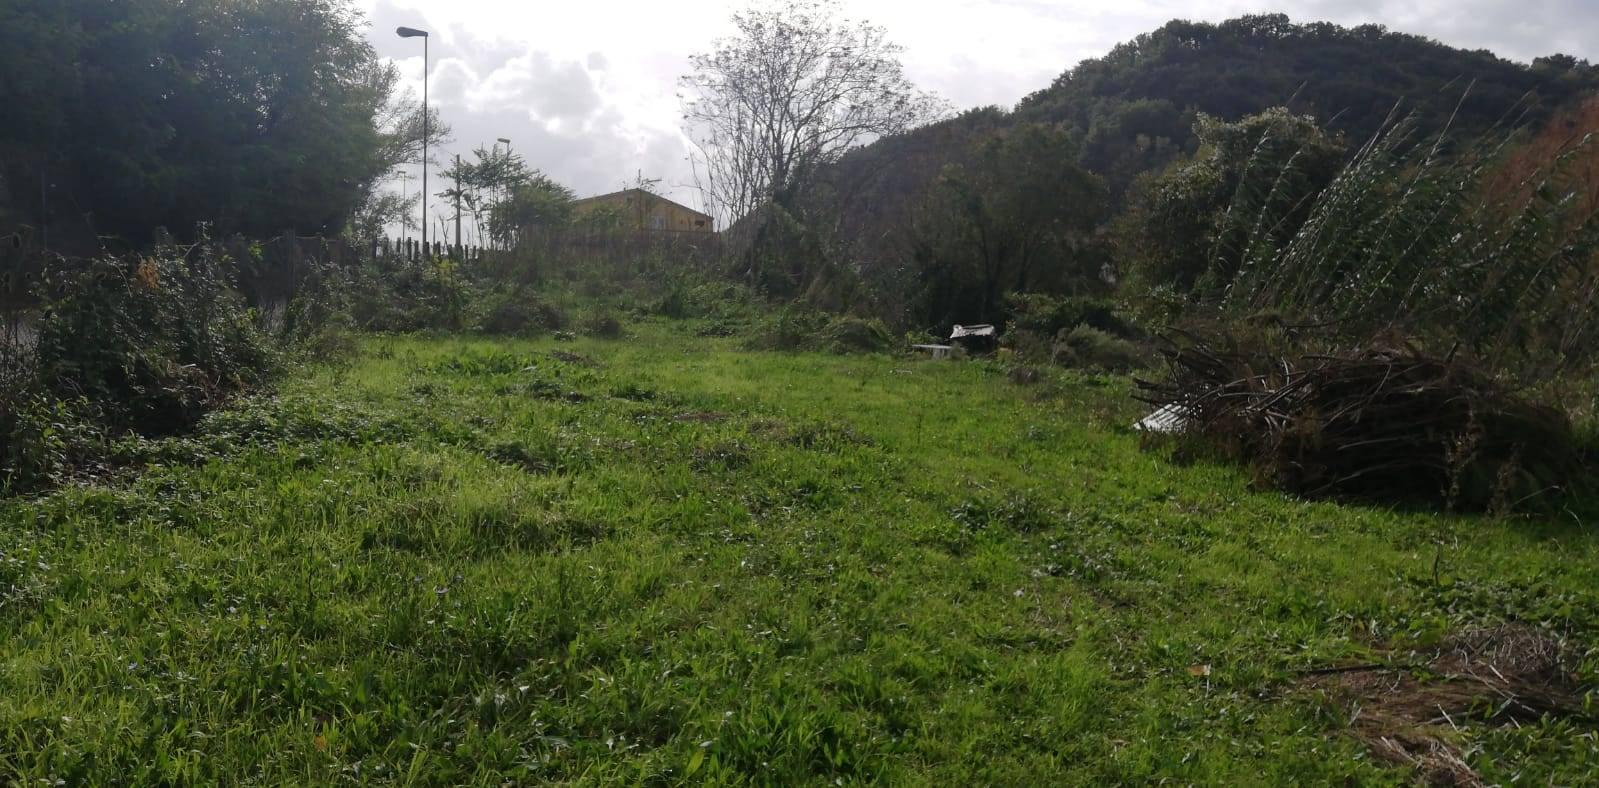 EUSTACHIO, SALERNO, Terreno agricolo in vendita di 4700 Mq, Classe energetica: G, composto da: , Prezzo: € 59.000